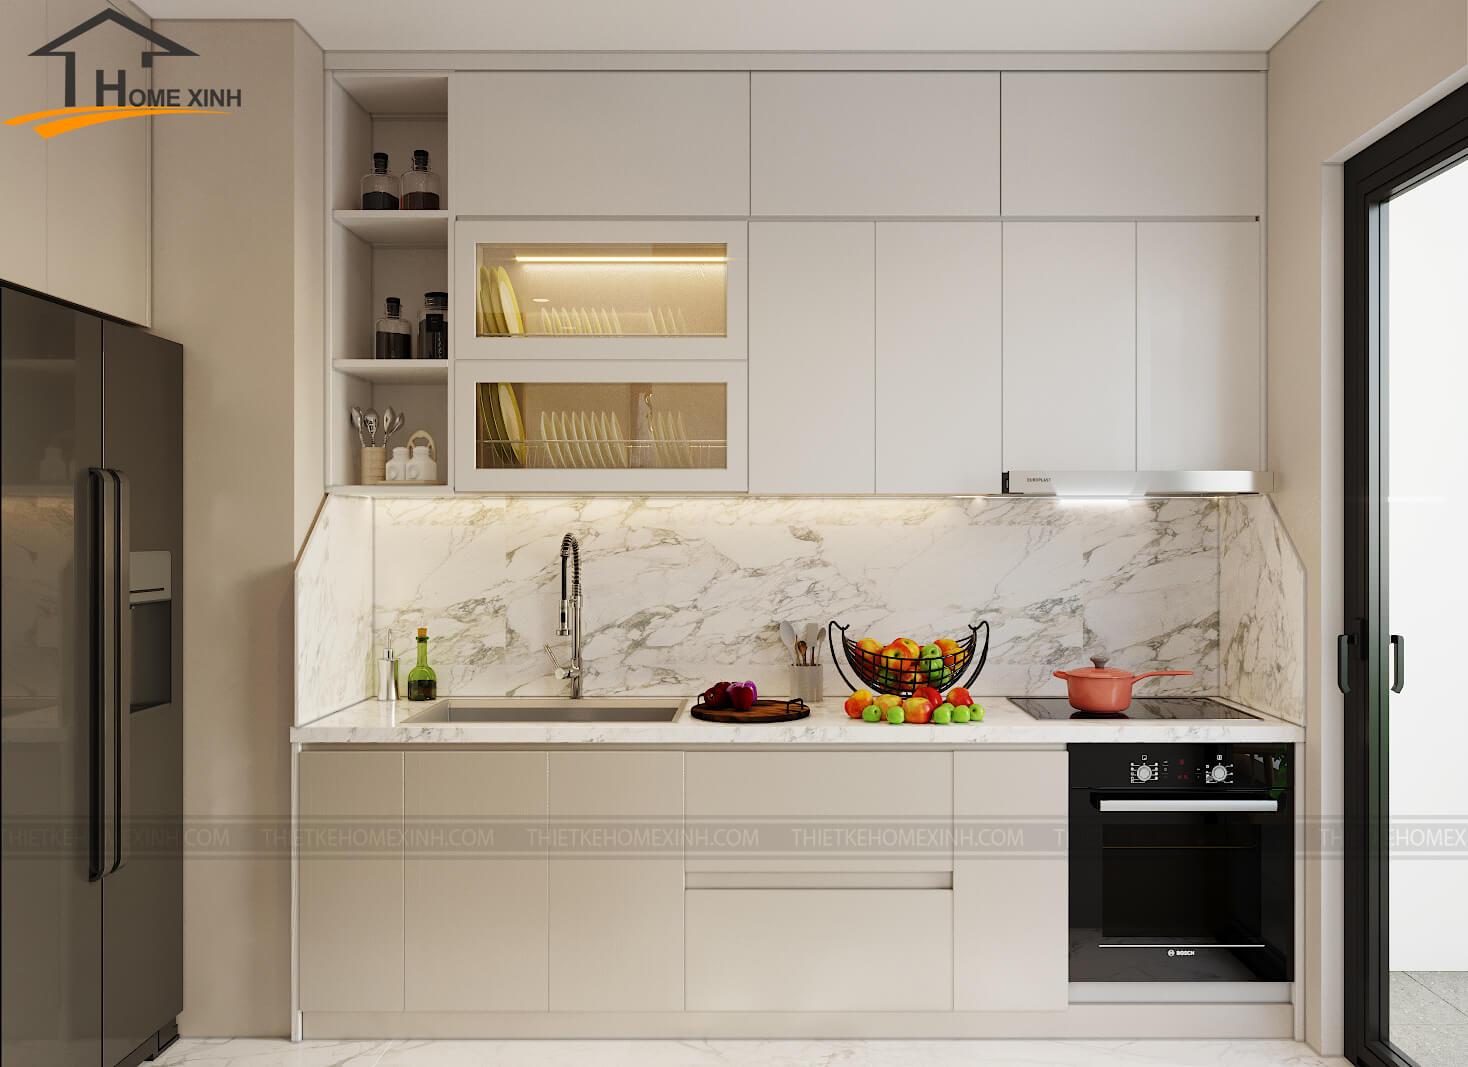 Điều cần tránh khi chọn đồ nội thất phòng bếp chung cư